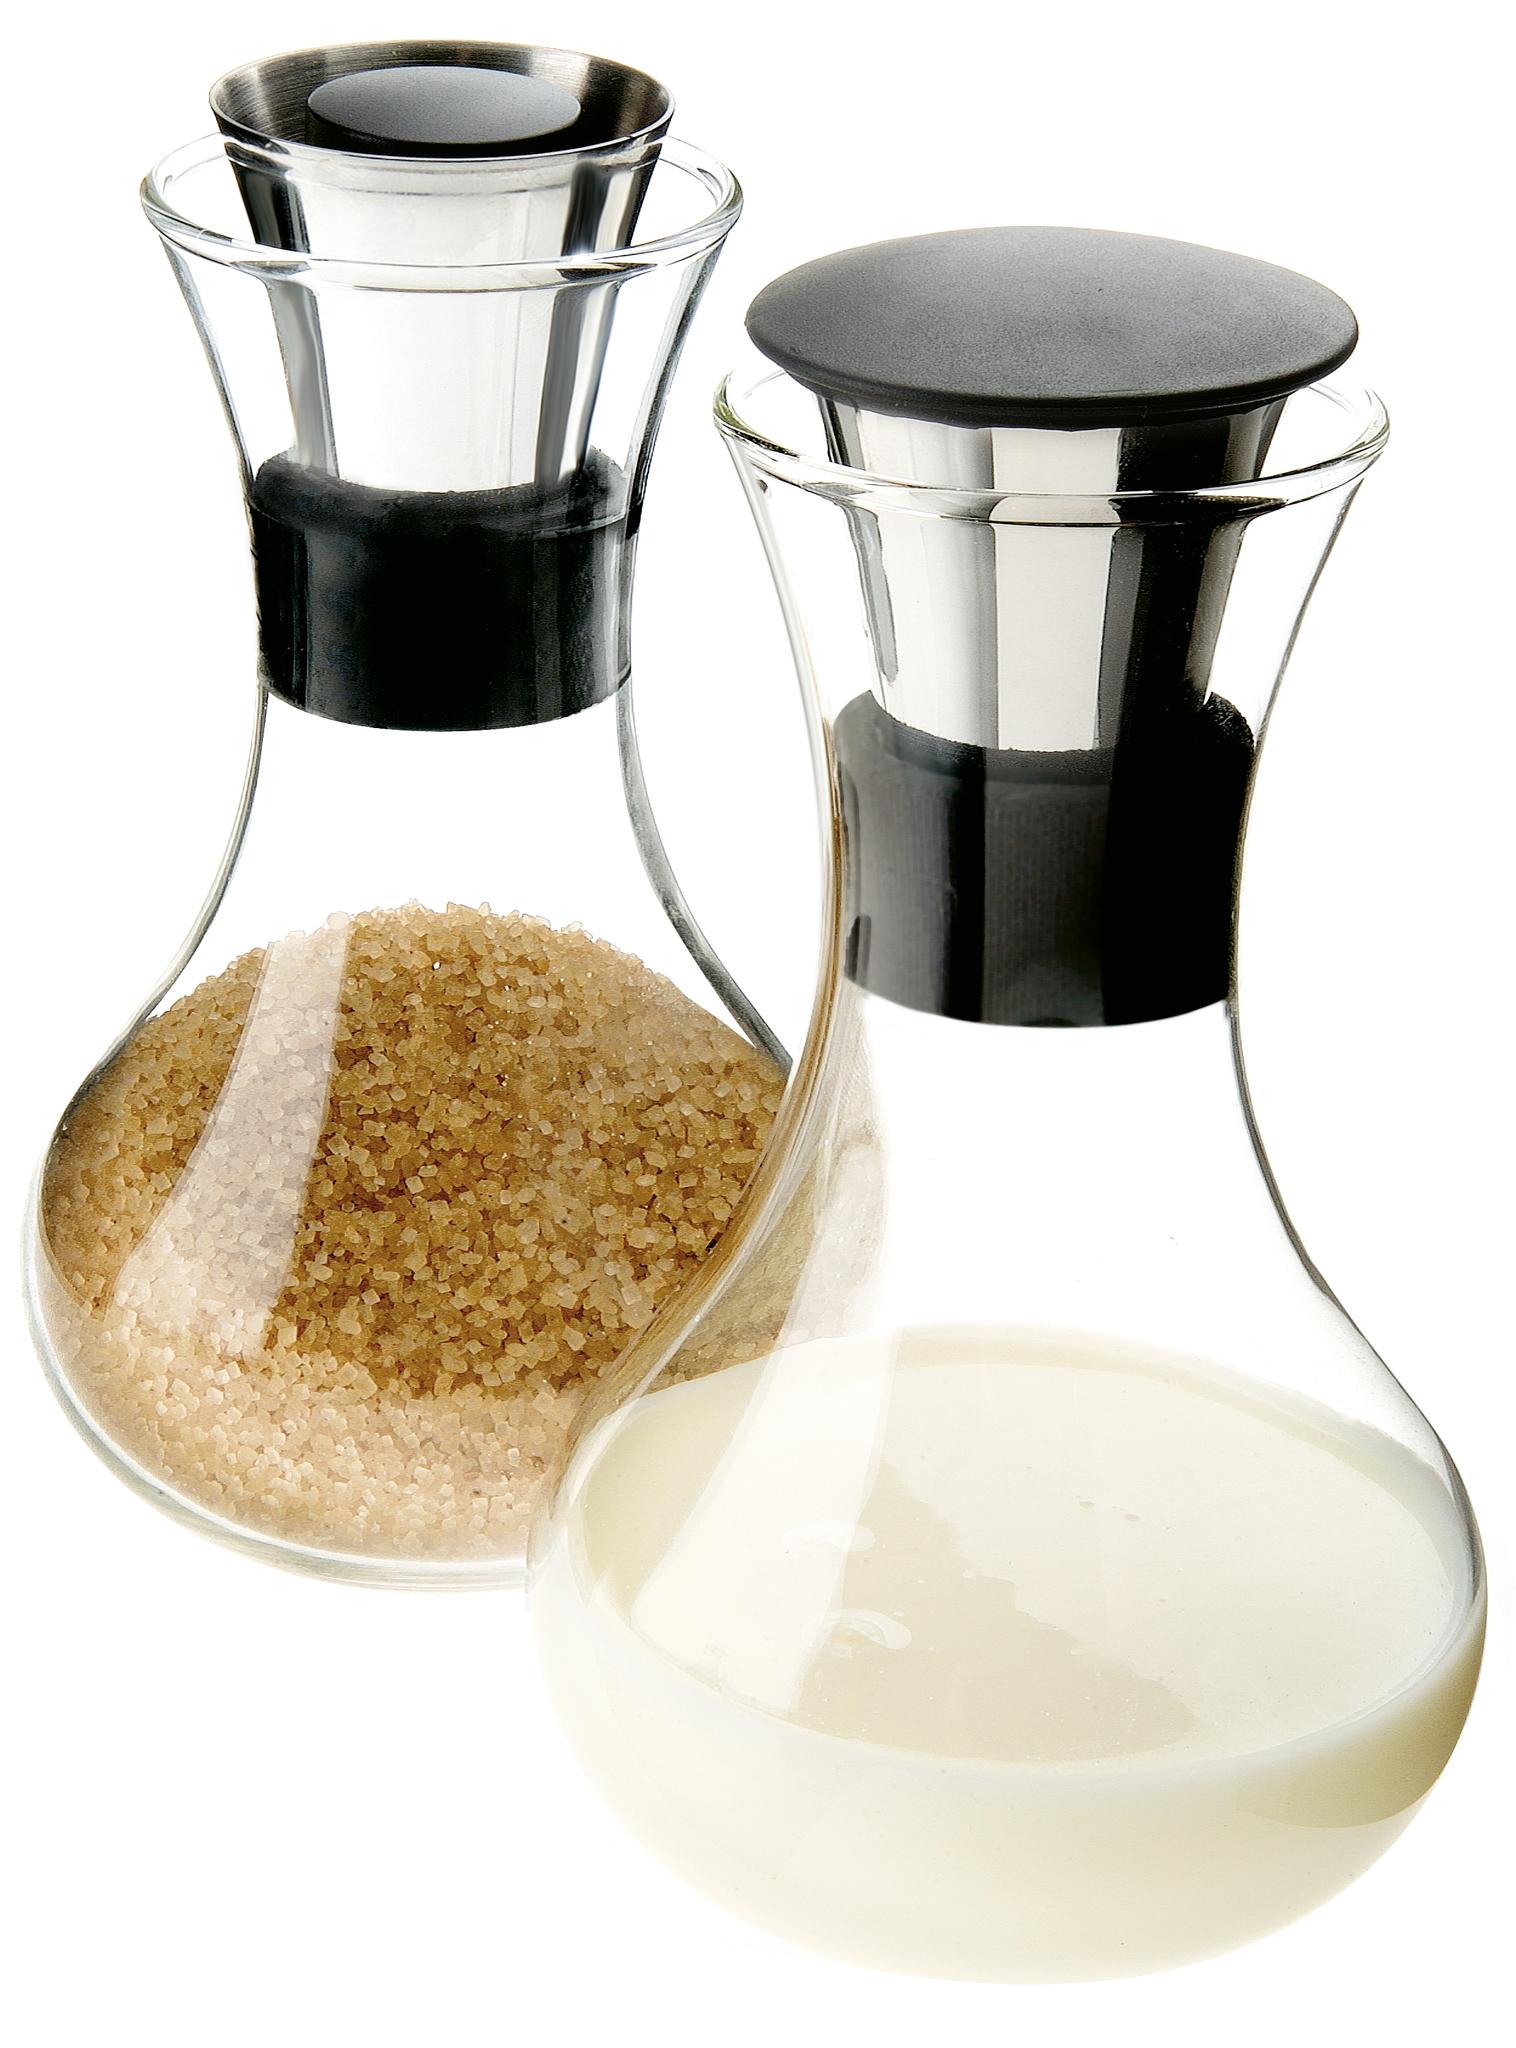 Набор сахарница и молочник 240 мл Eva Solo 567545Молочники<br>Сахарница снабжена дозатором, который каждый раз отмеряет ровно 1 чайную ложку. Молочник имеет горлышко запатентованной конструкции ни капли мимо и удобную силиконовую крышку для хранения молока. Набор можно мыть в посудомоечной машине.<br>